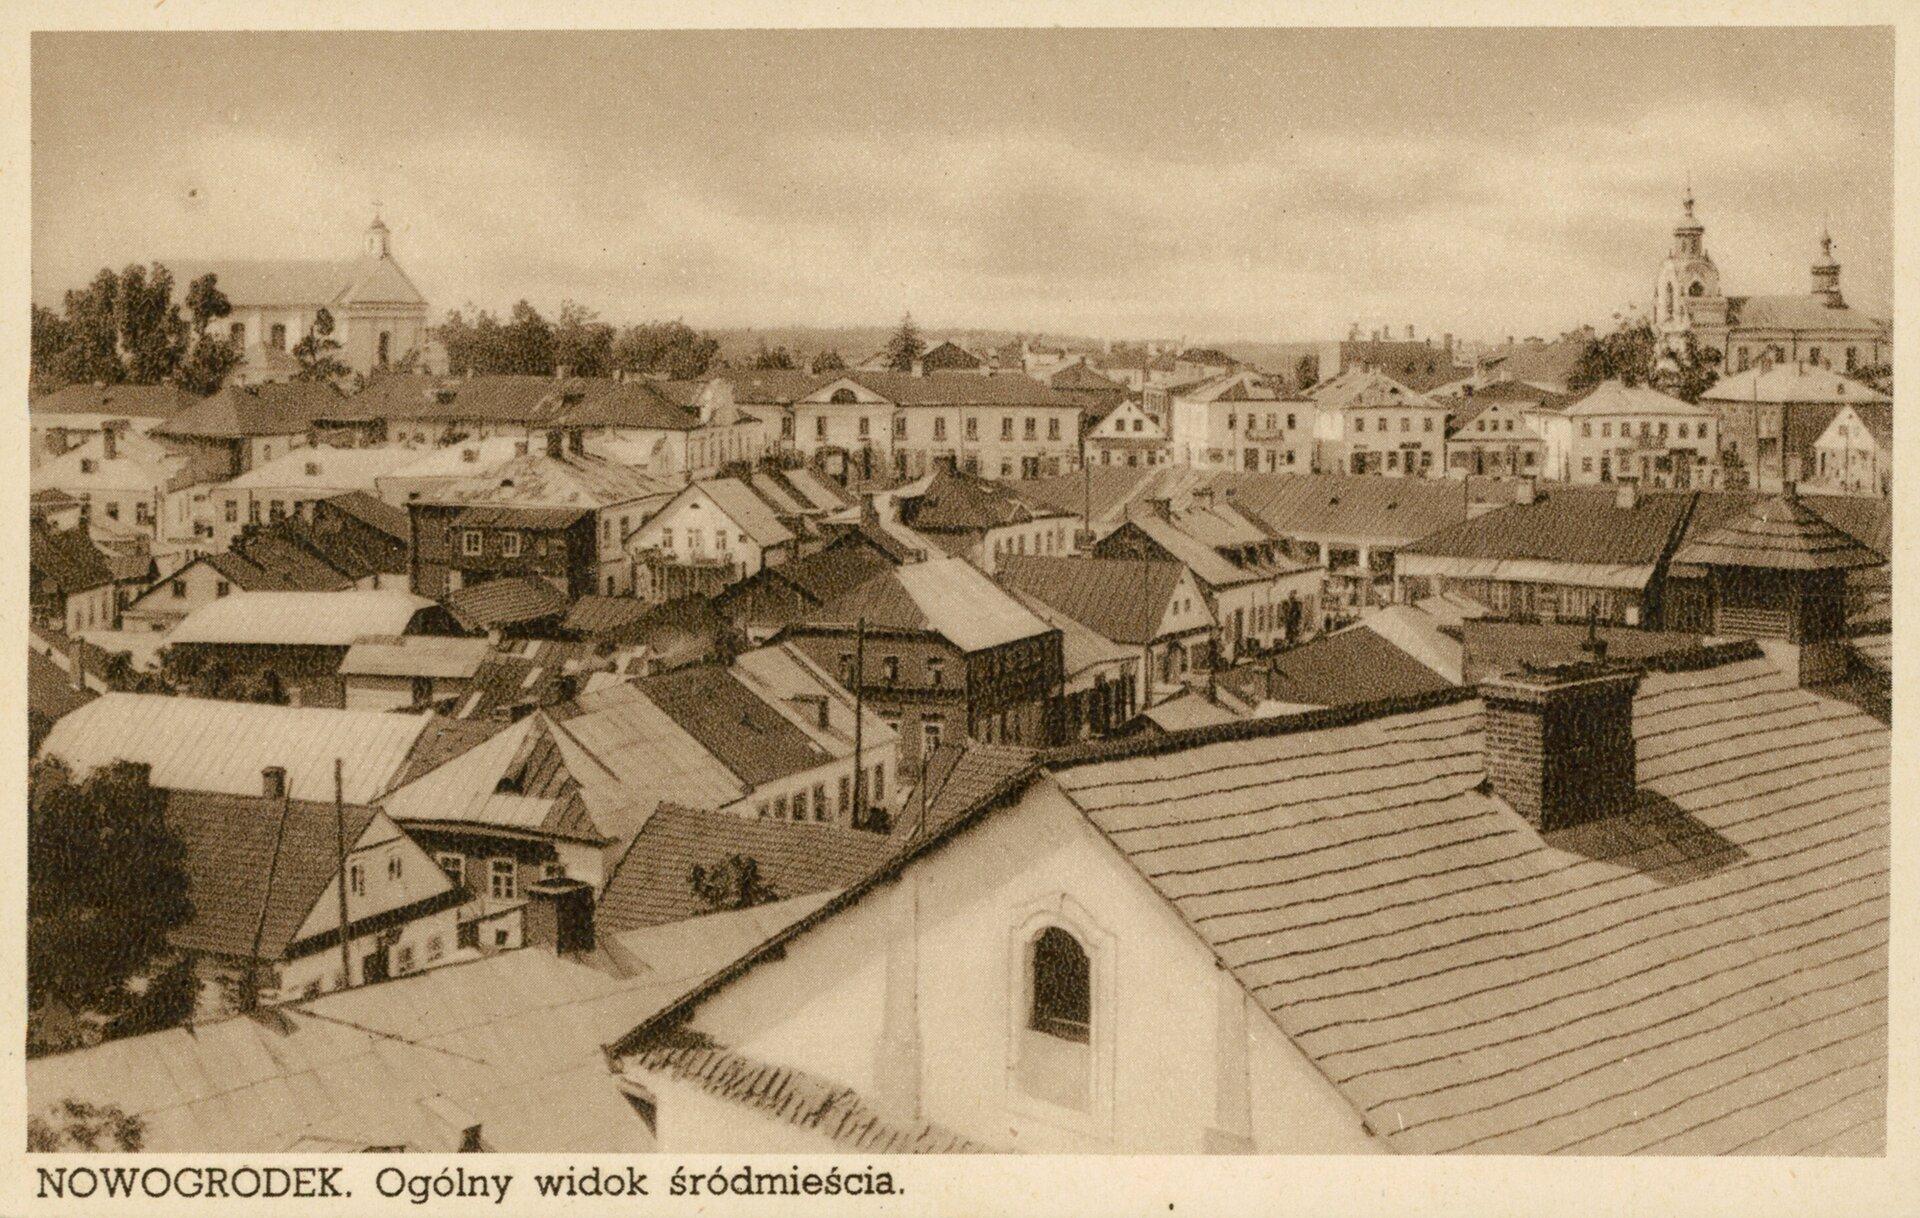 Nowogródek. Ogólny widok śródmieścia Nowogródek. Ogólny widok śródmieścia Źródło: 1918–1939, pocztówka, domena publiczna.